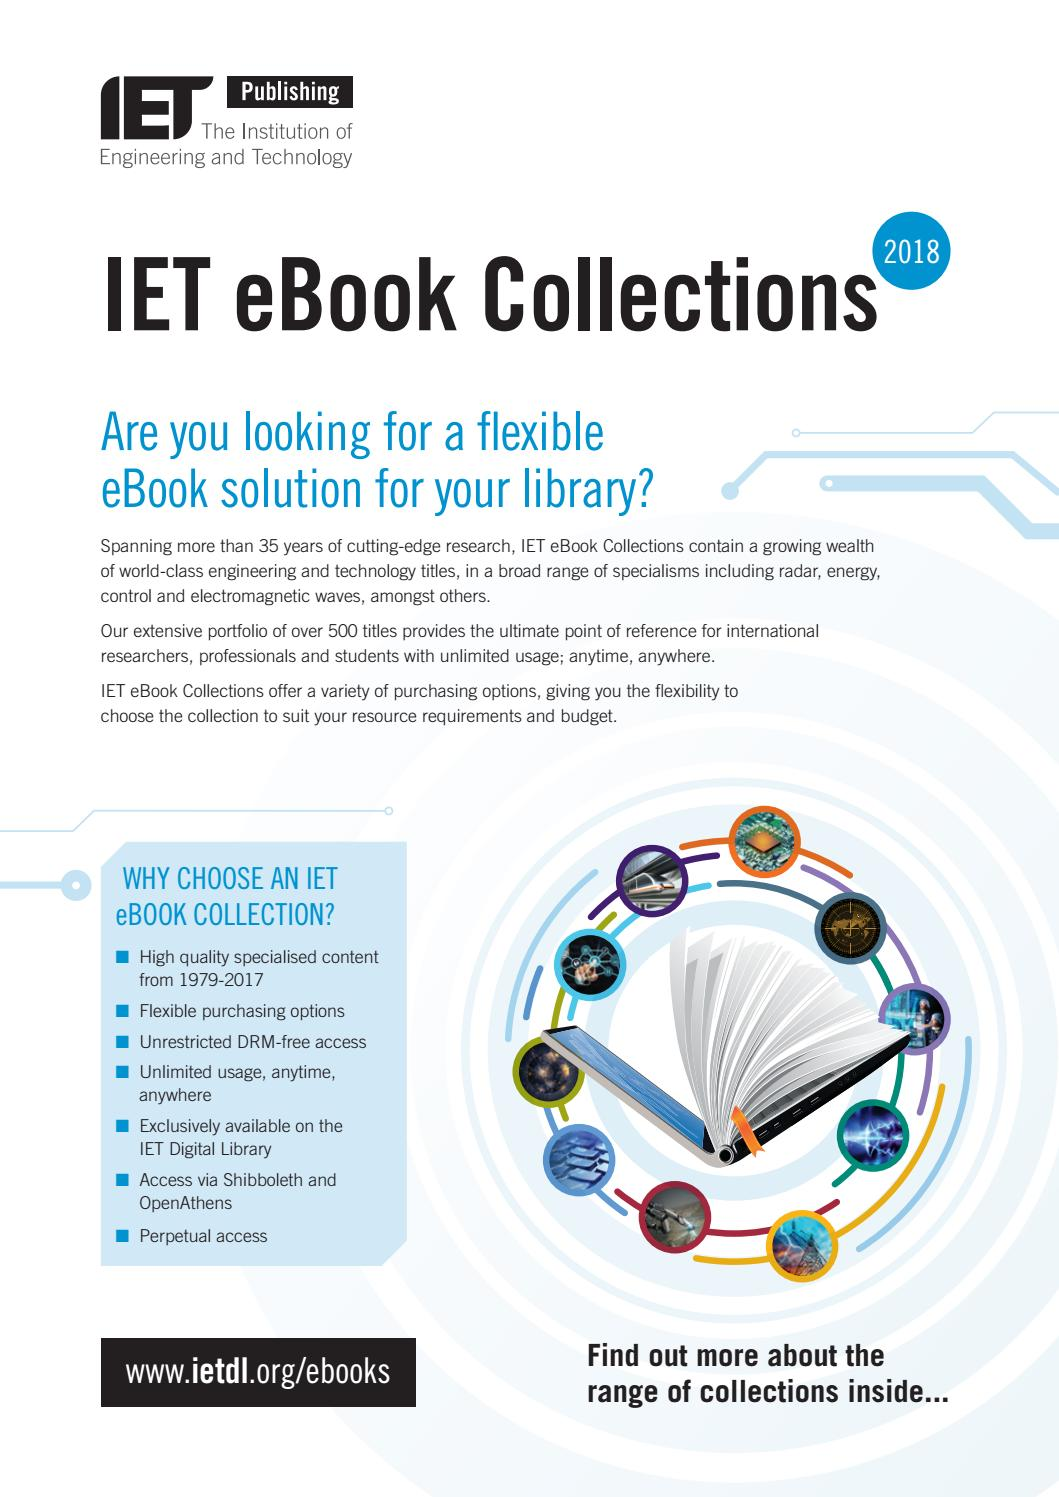 Iet ebooks2018 by SCIENTIFIC BOOKS INFORMATION - issuu